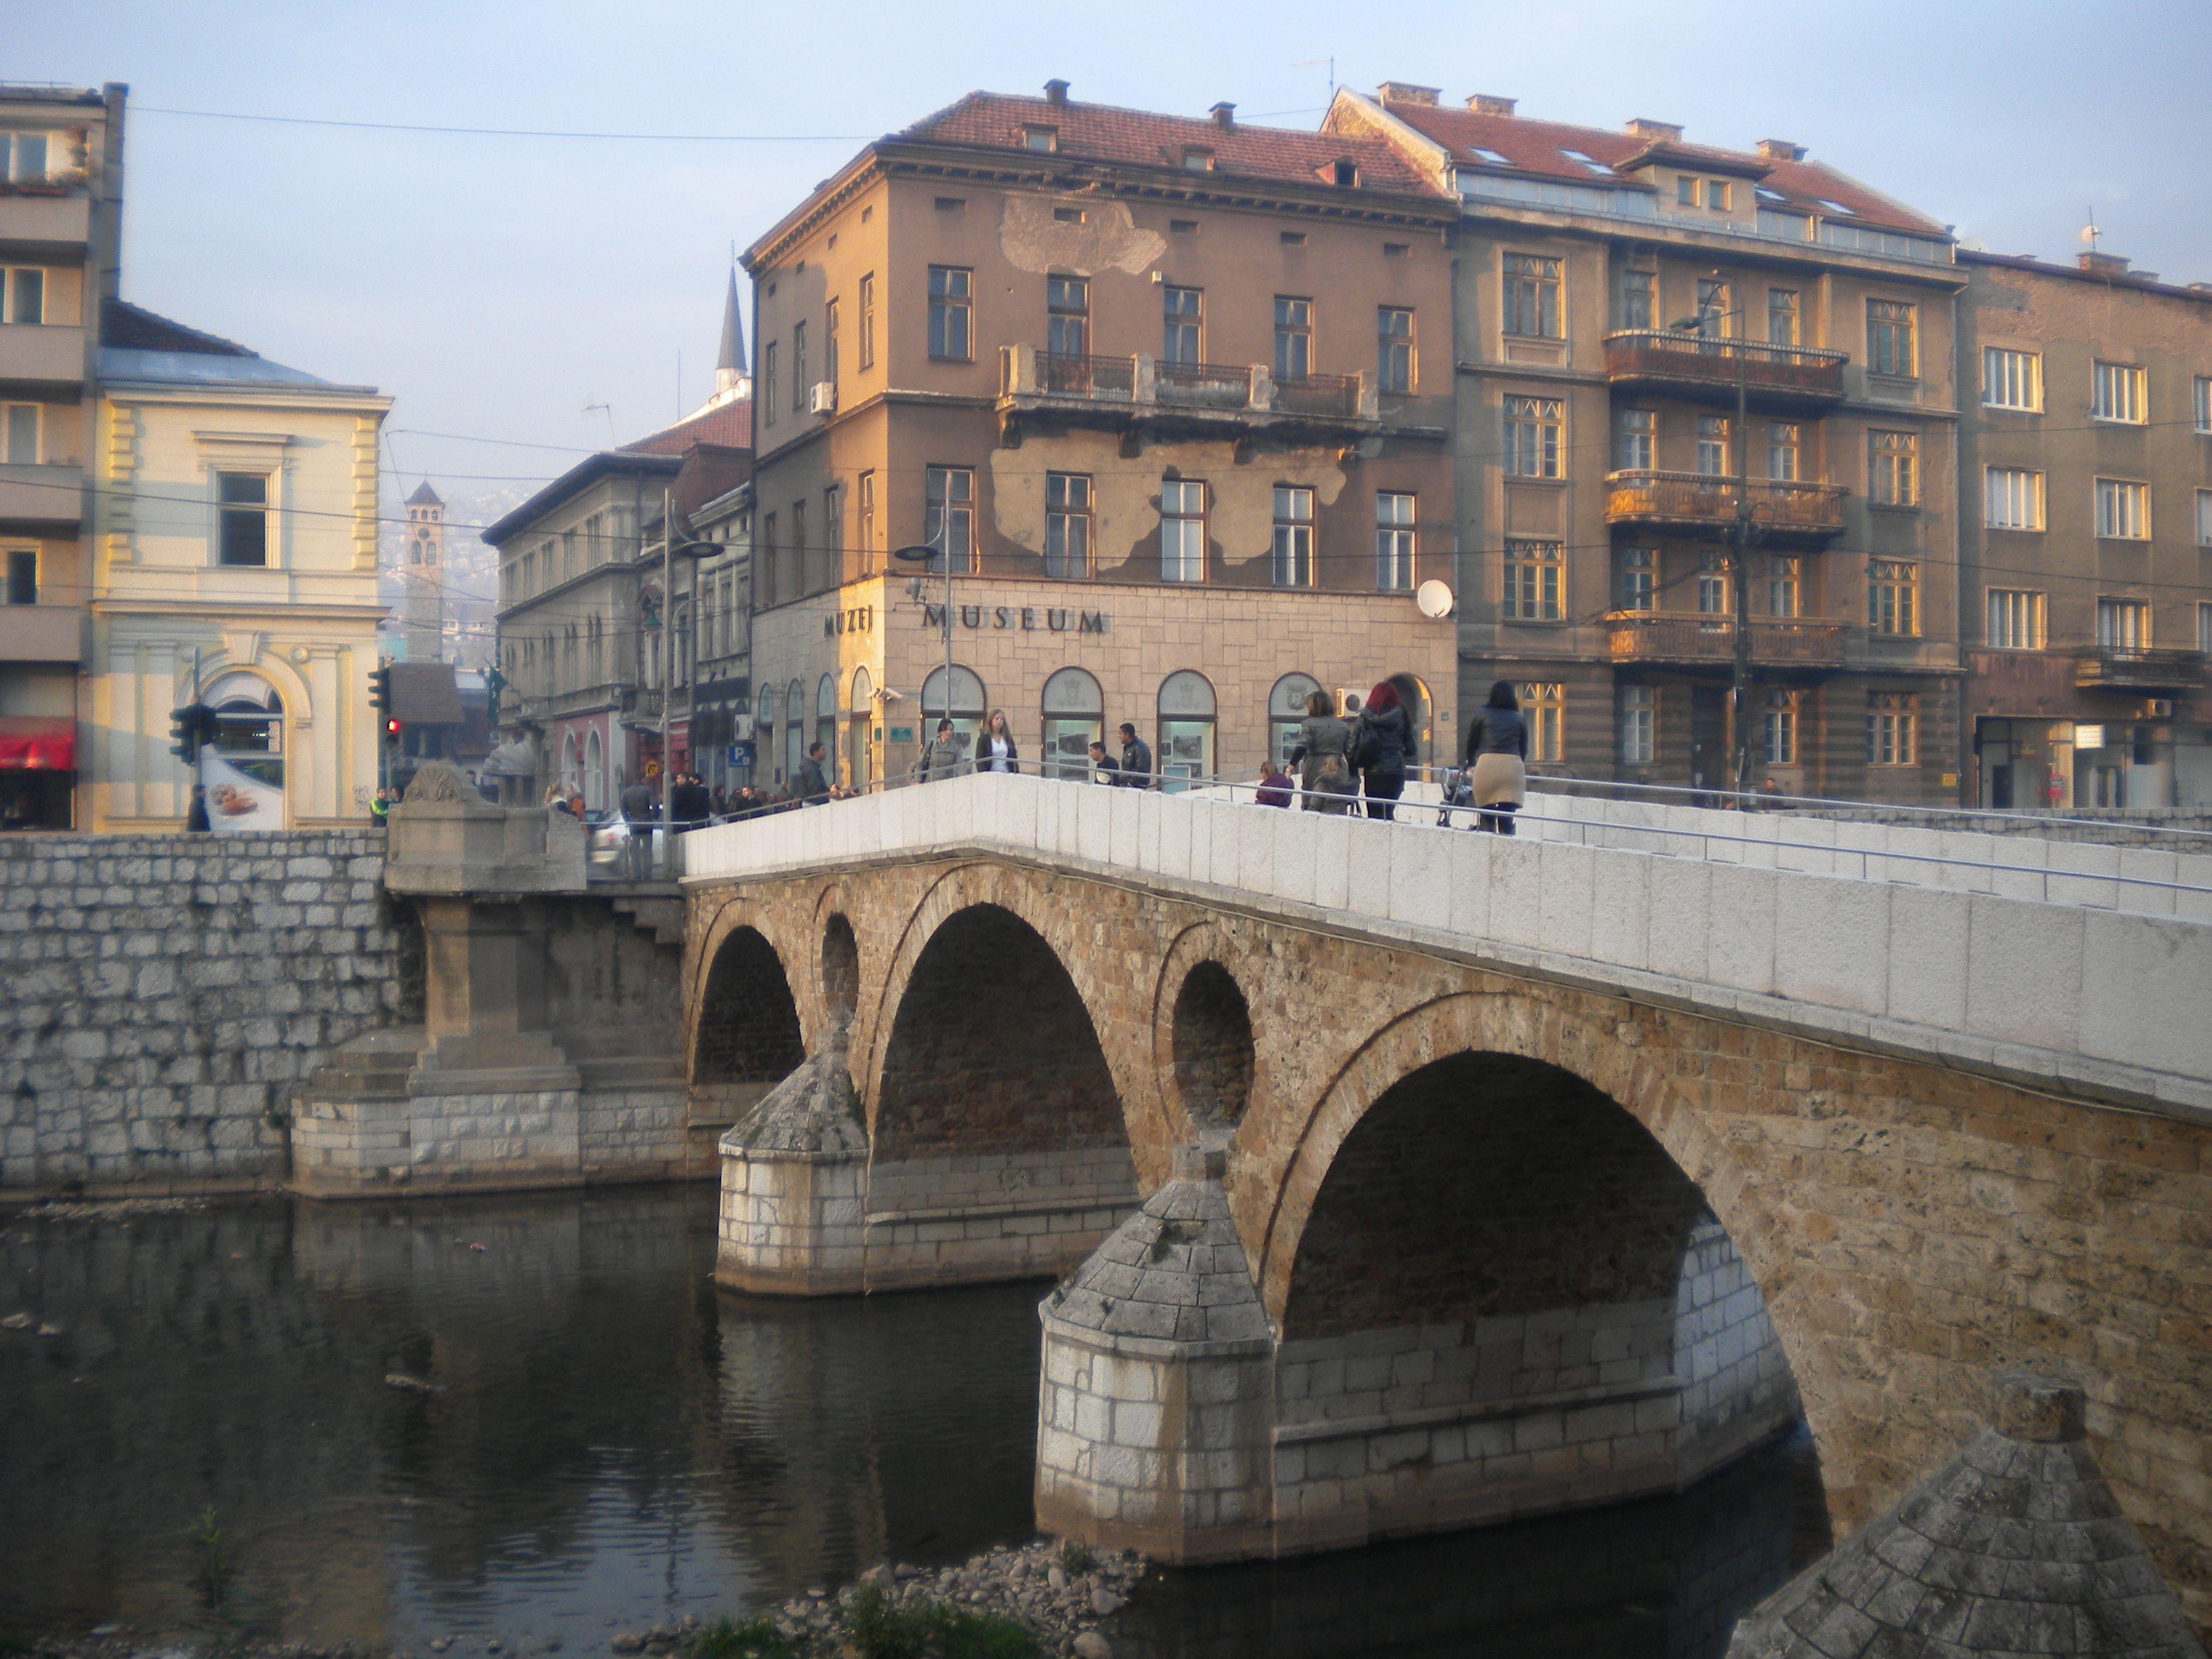 Latin Bridge The Assassination Spot Of Archduke Franz